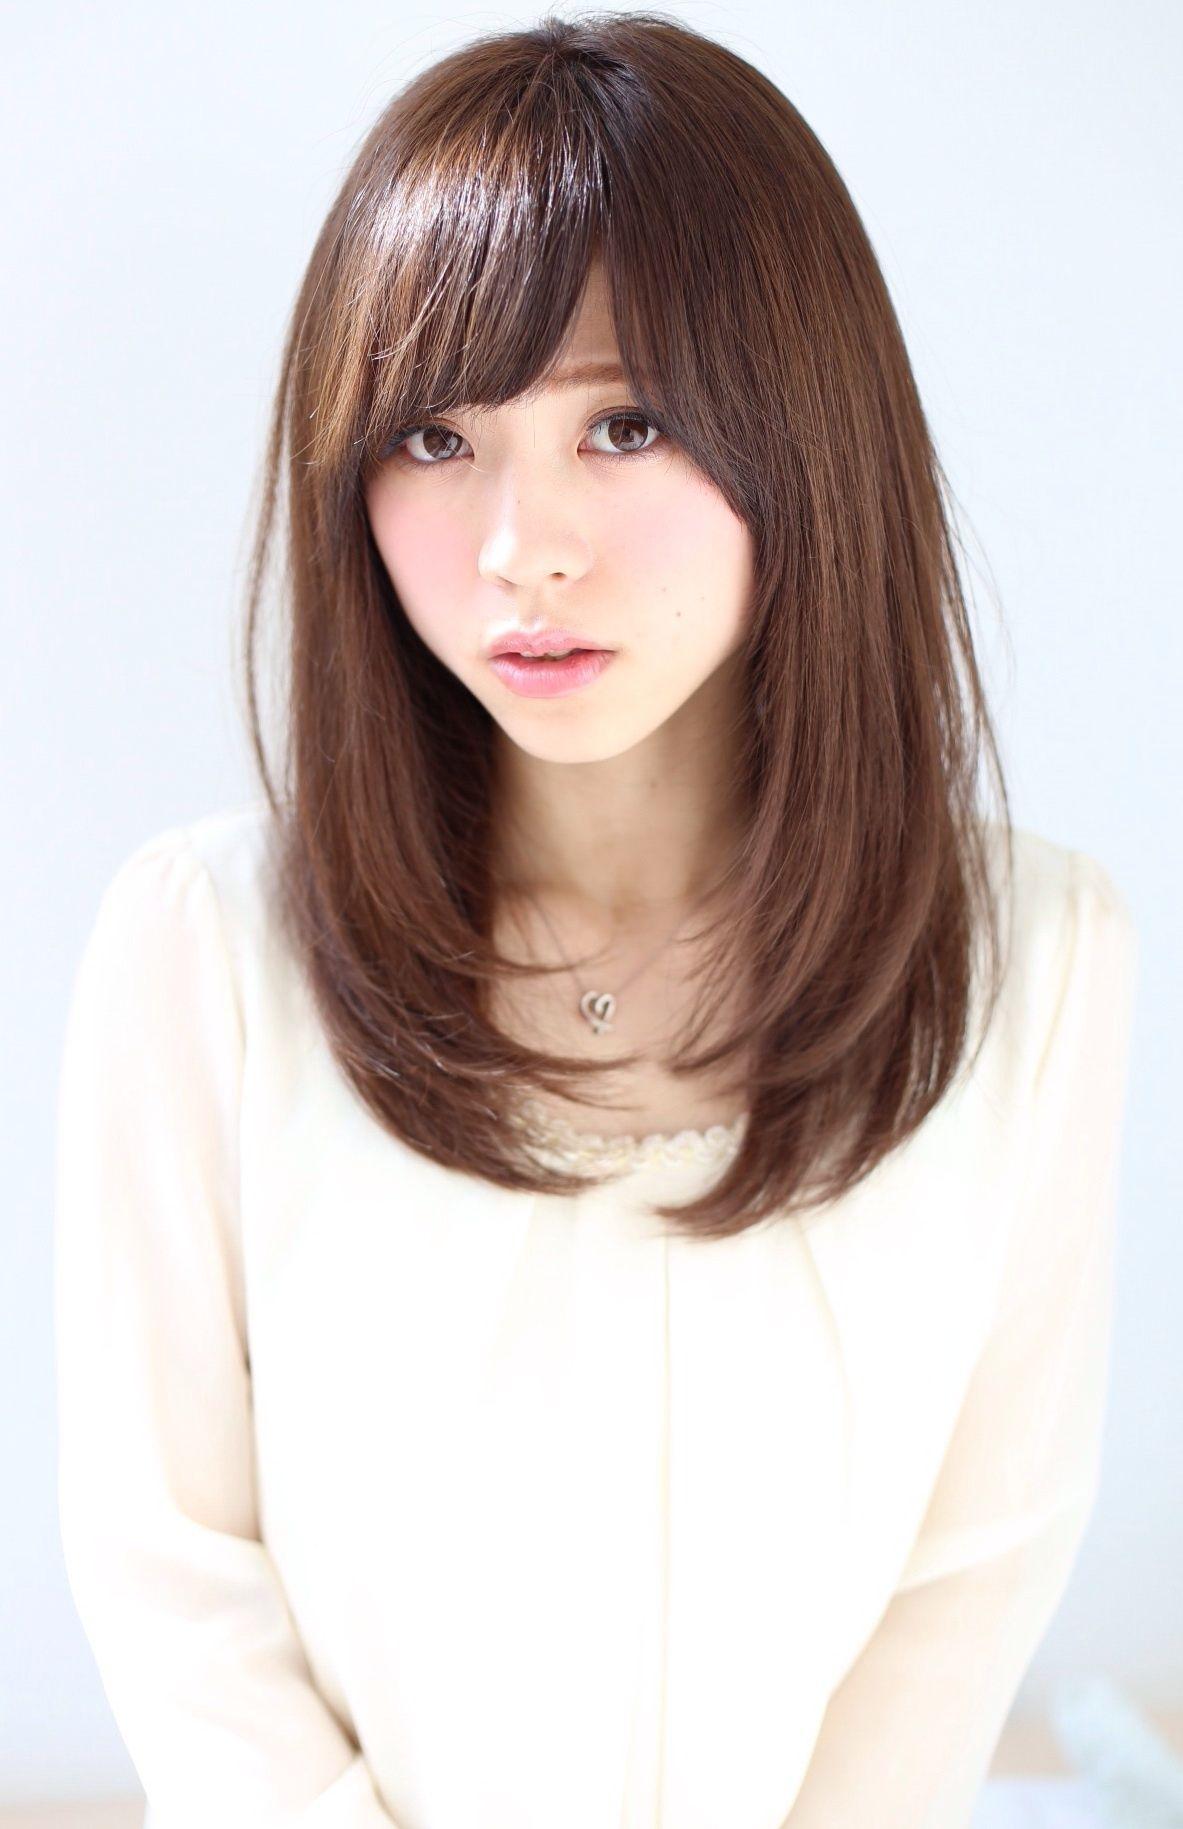 ミディアムストレートで小顔効果美人に 髪型 髪型 ストレート 髪型 セミロング